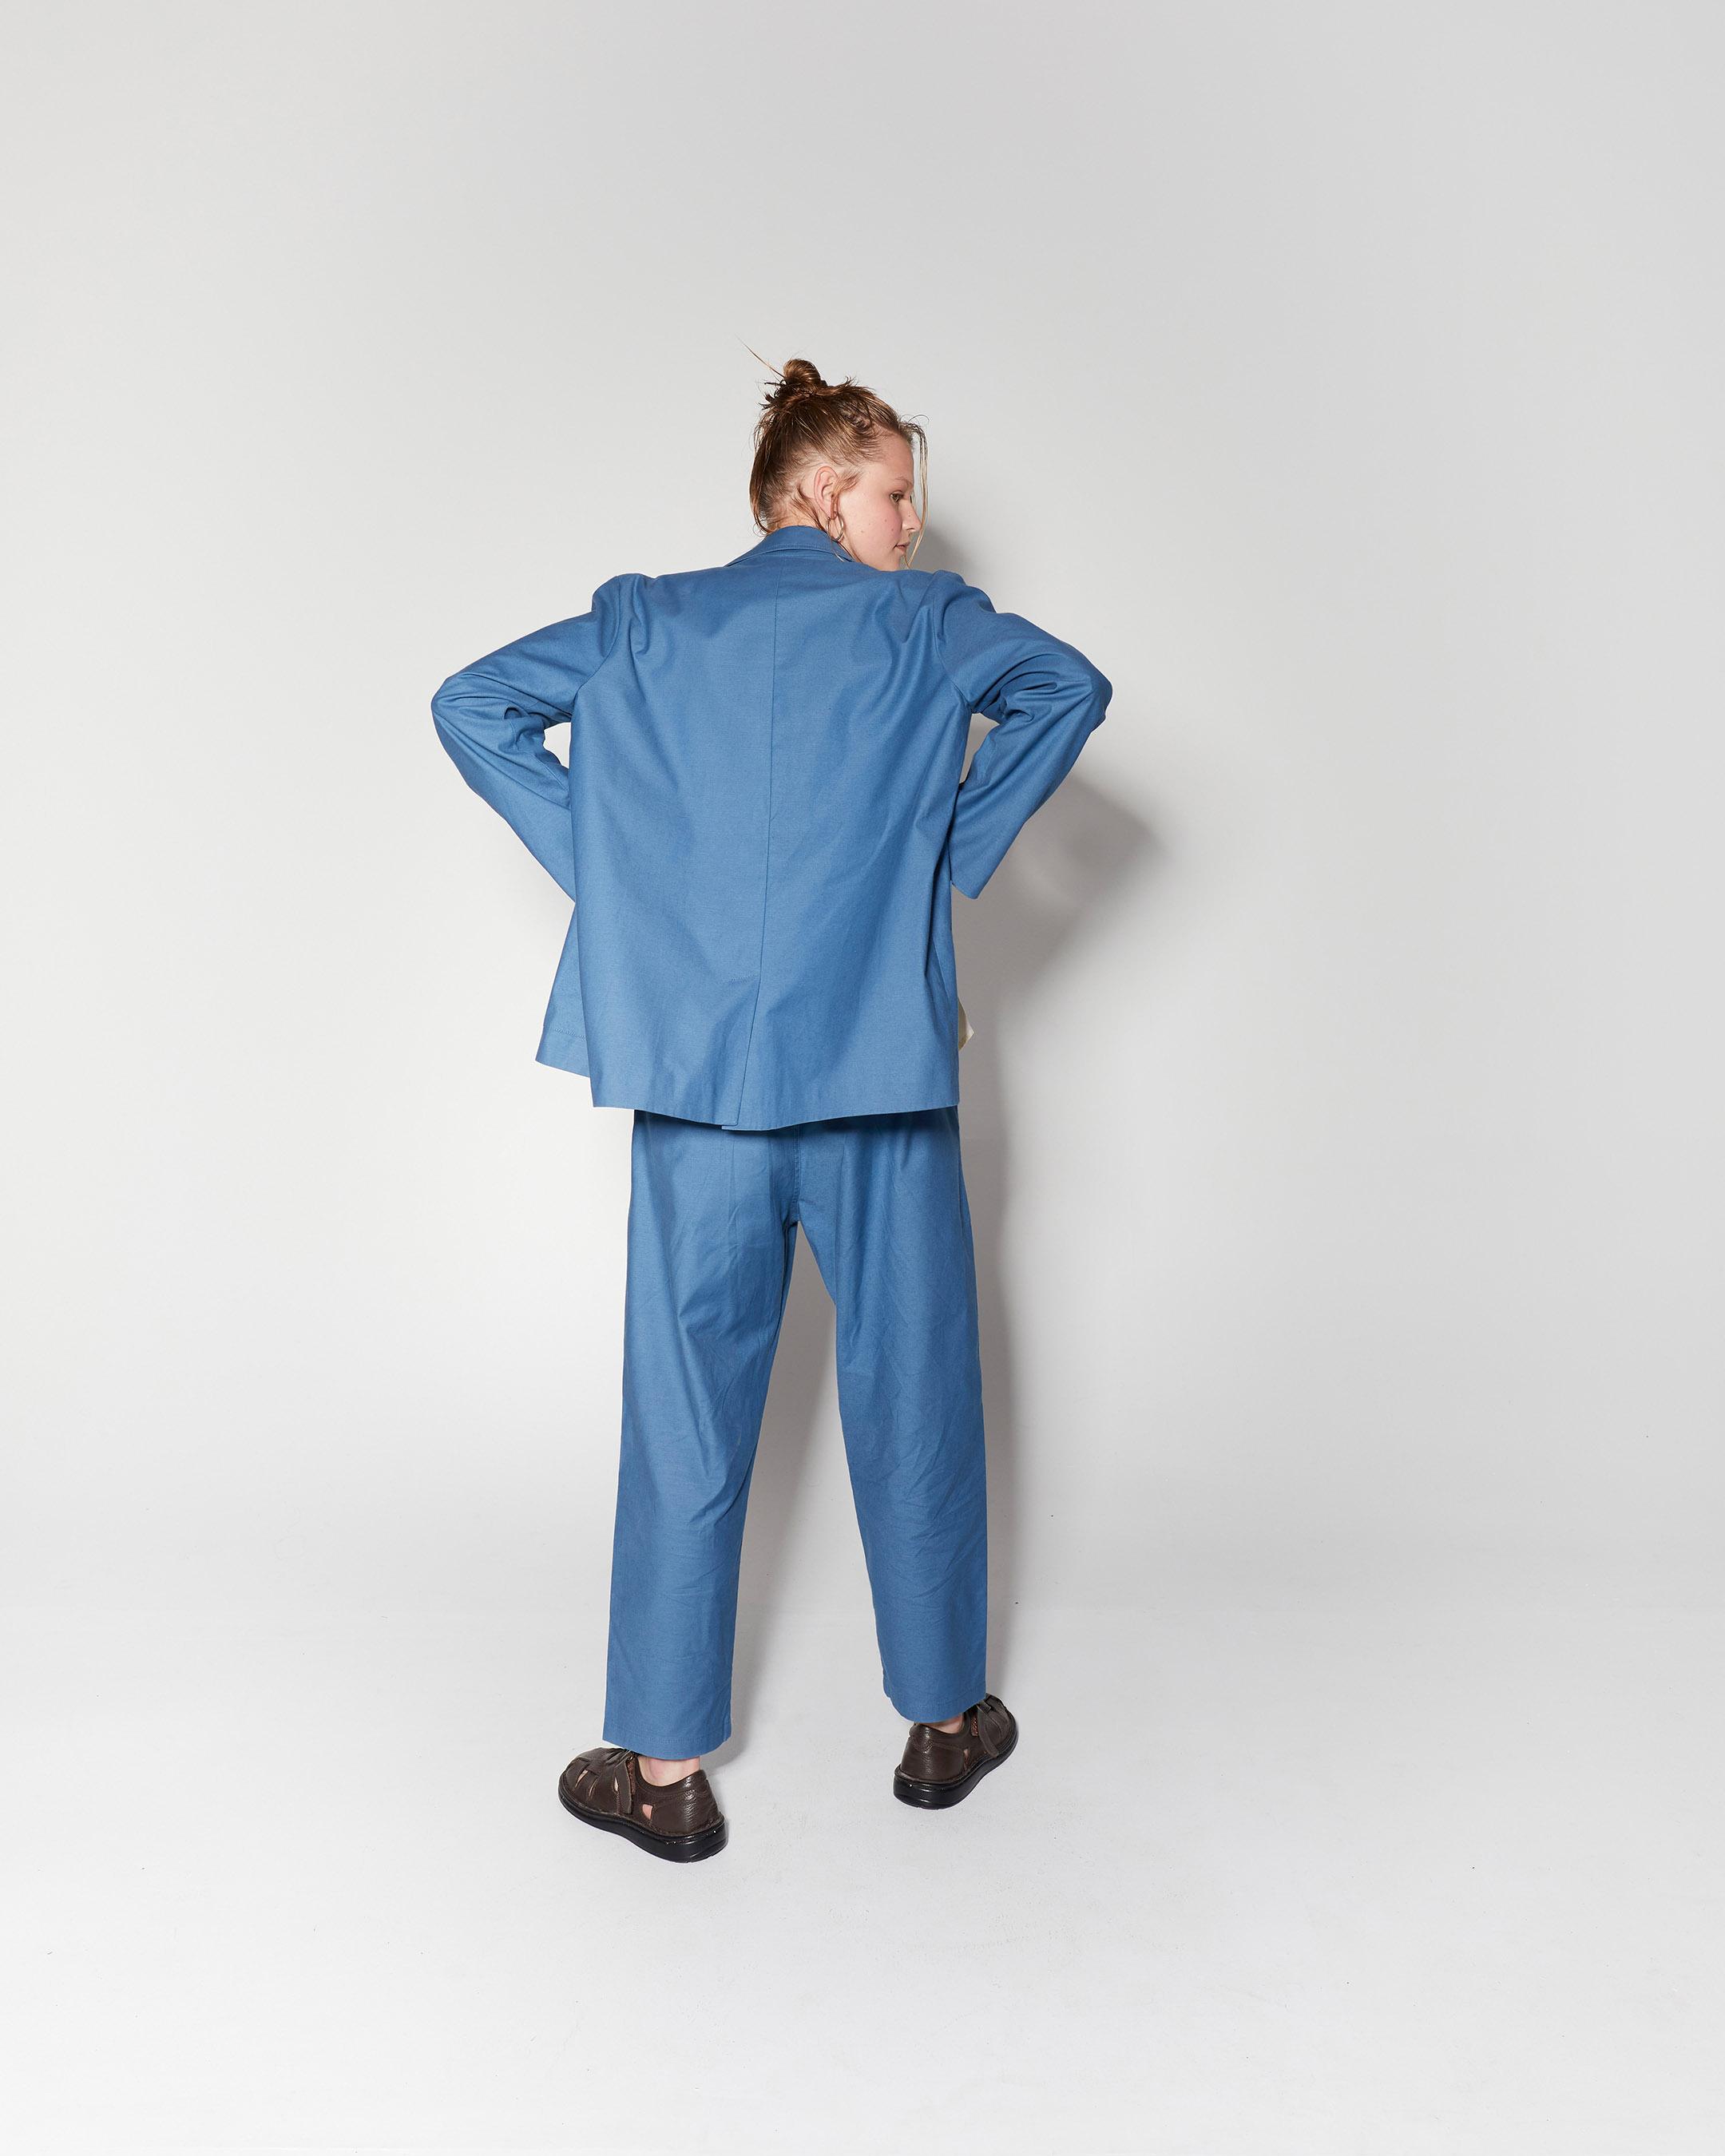 trousers 3  suit pant blue 210415 ecom 1722